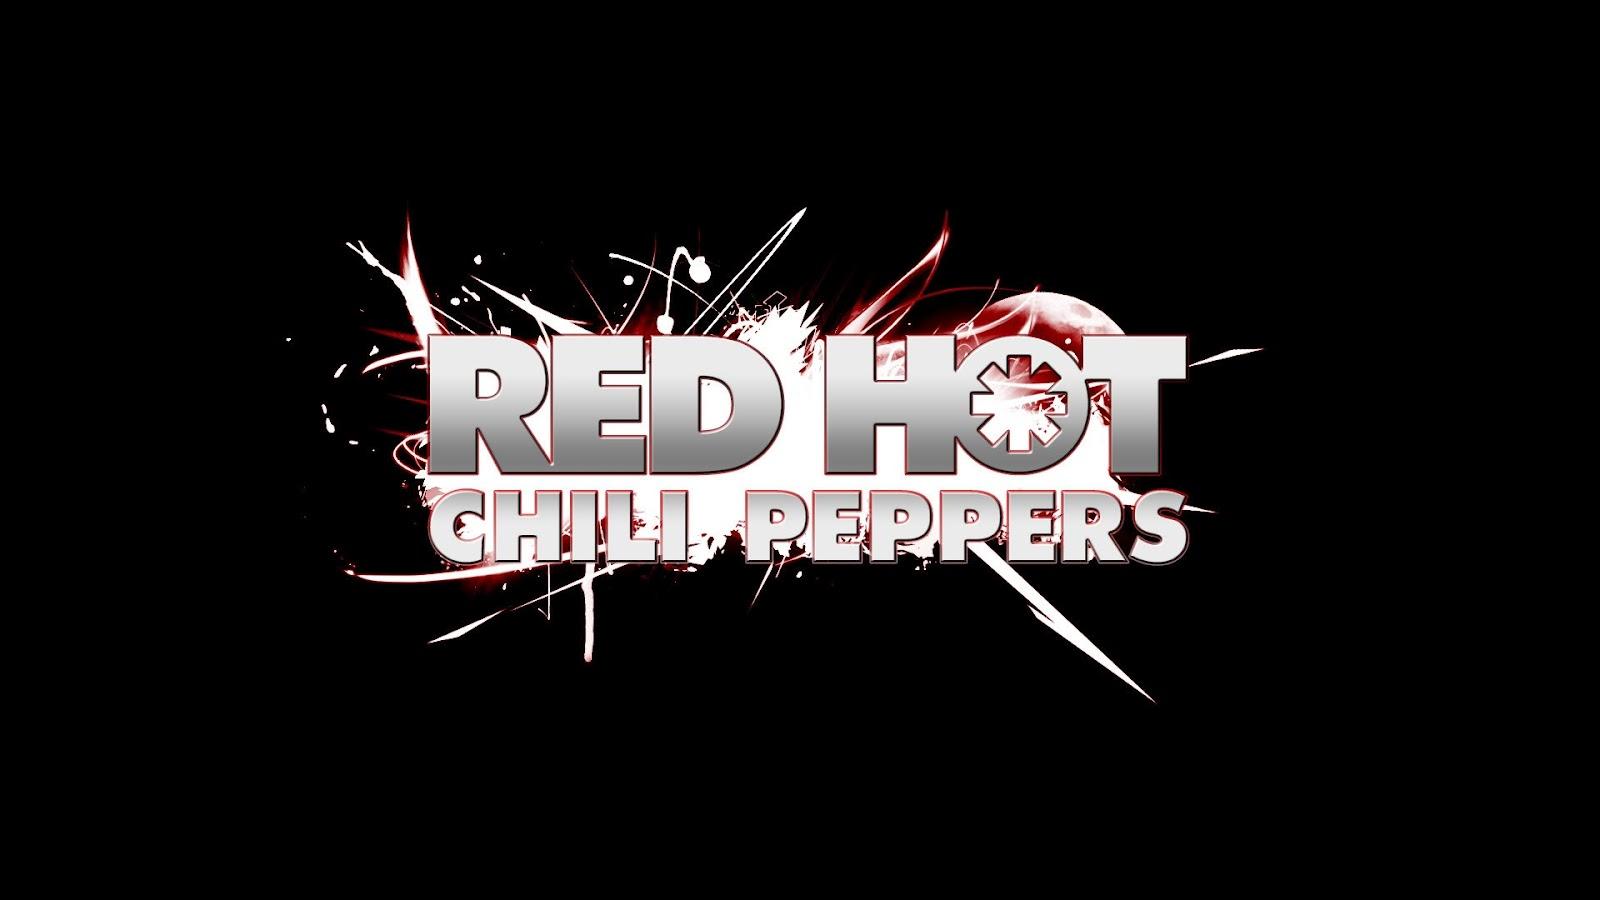 http://1.bp.blogspot.com/-421HMS0rrOA/T5tPq5aMFvI/AAAAAAAAAZs/YWHUD06FHiM/s1600/RHCP-logo-Wallpaper.jpg